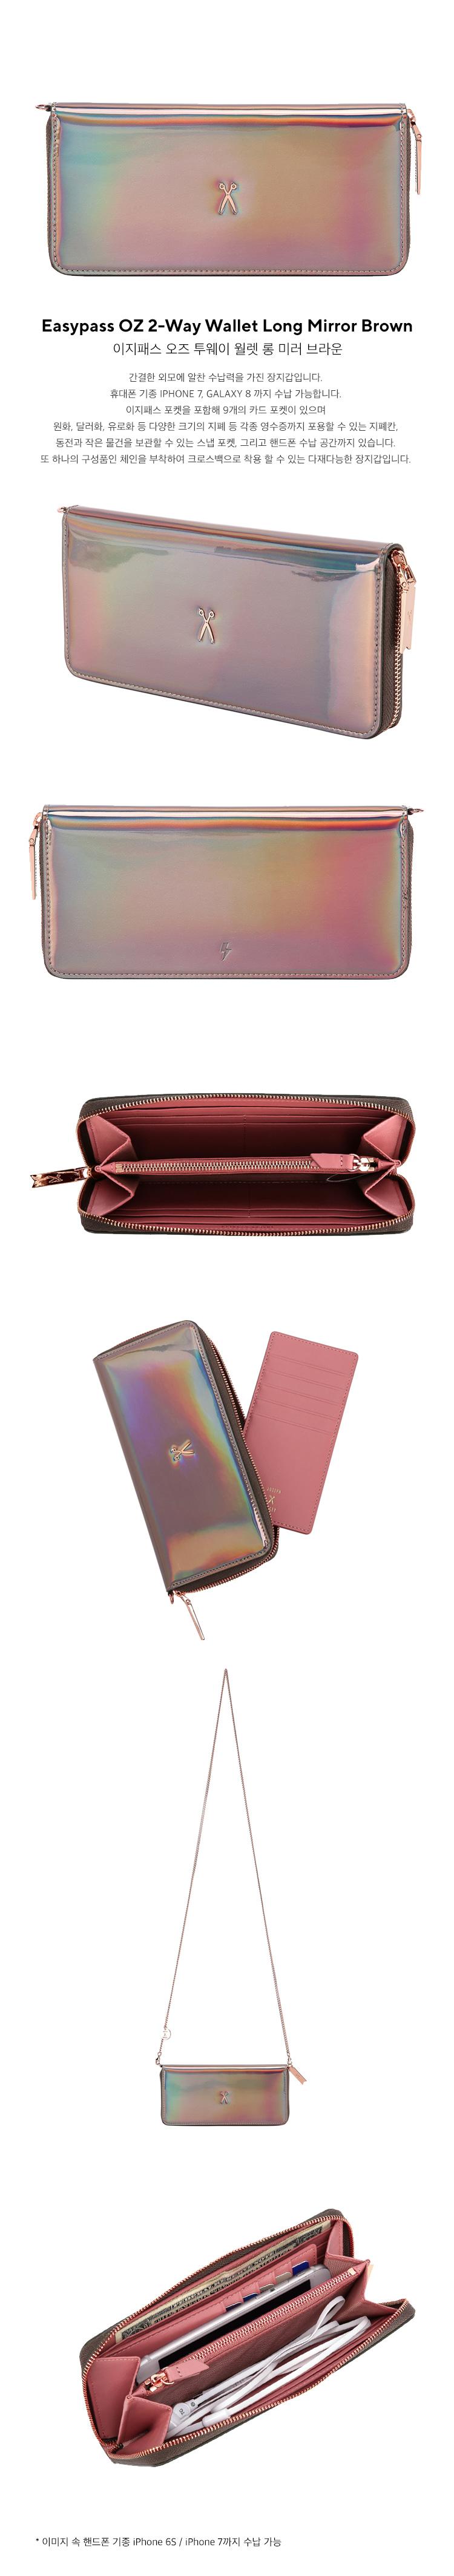 조셉앤스테이시(JOSEPH&STACEY) Easypass OZ 2-Way Wallet Long Mirror Brown